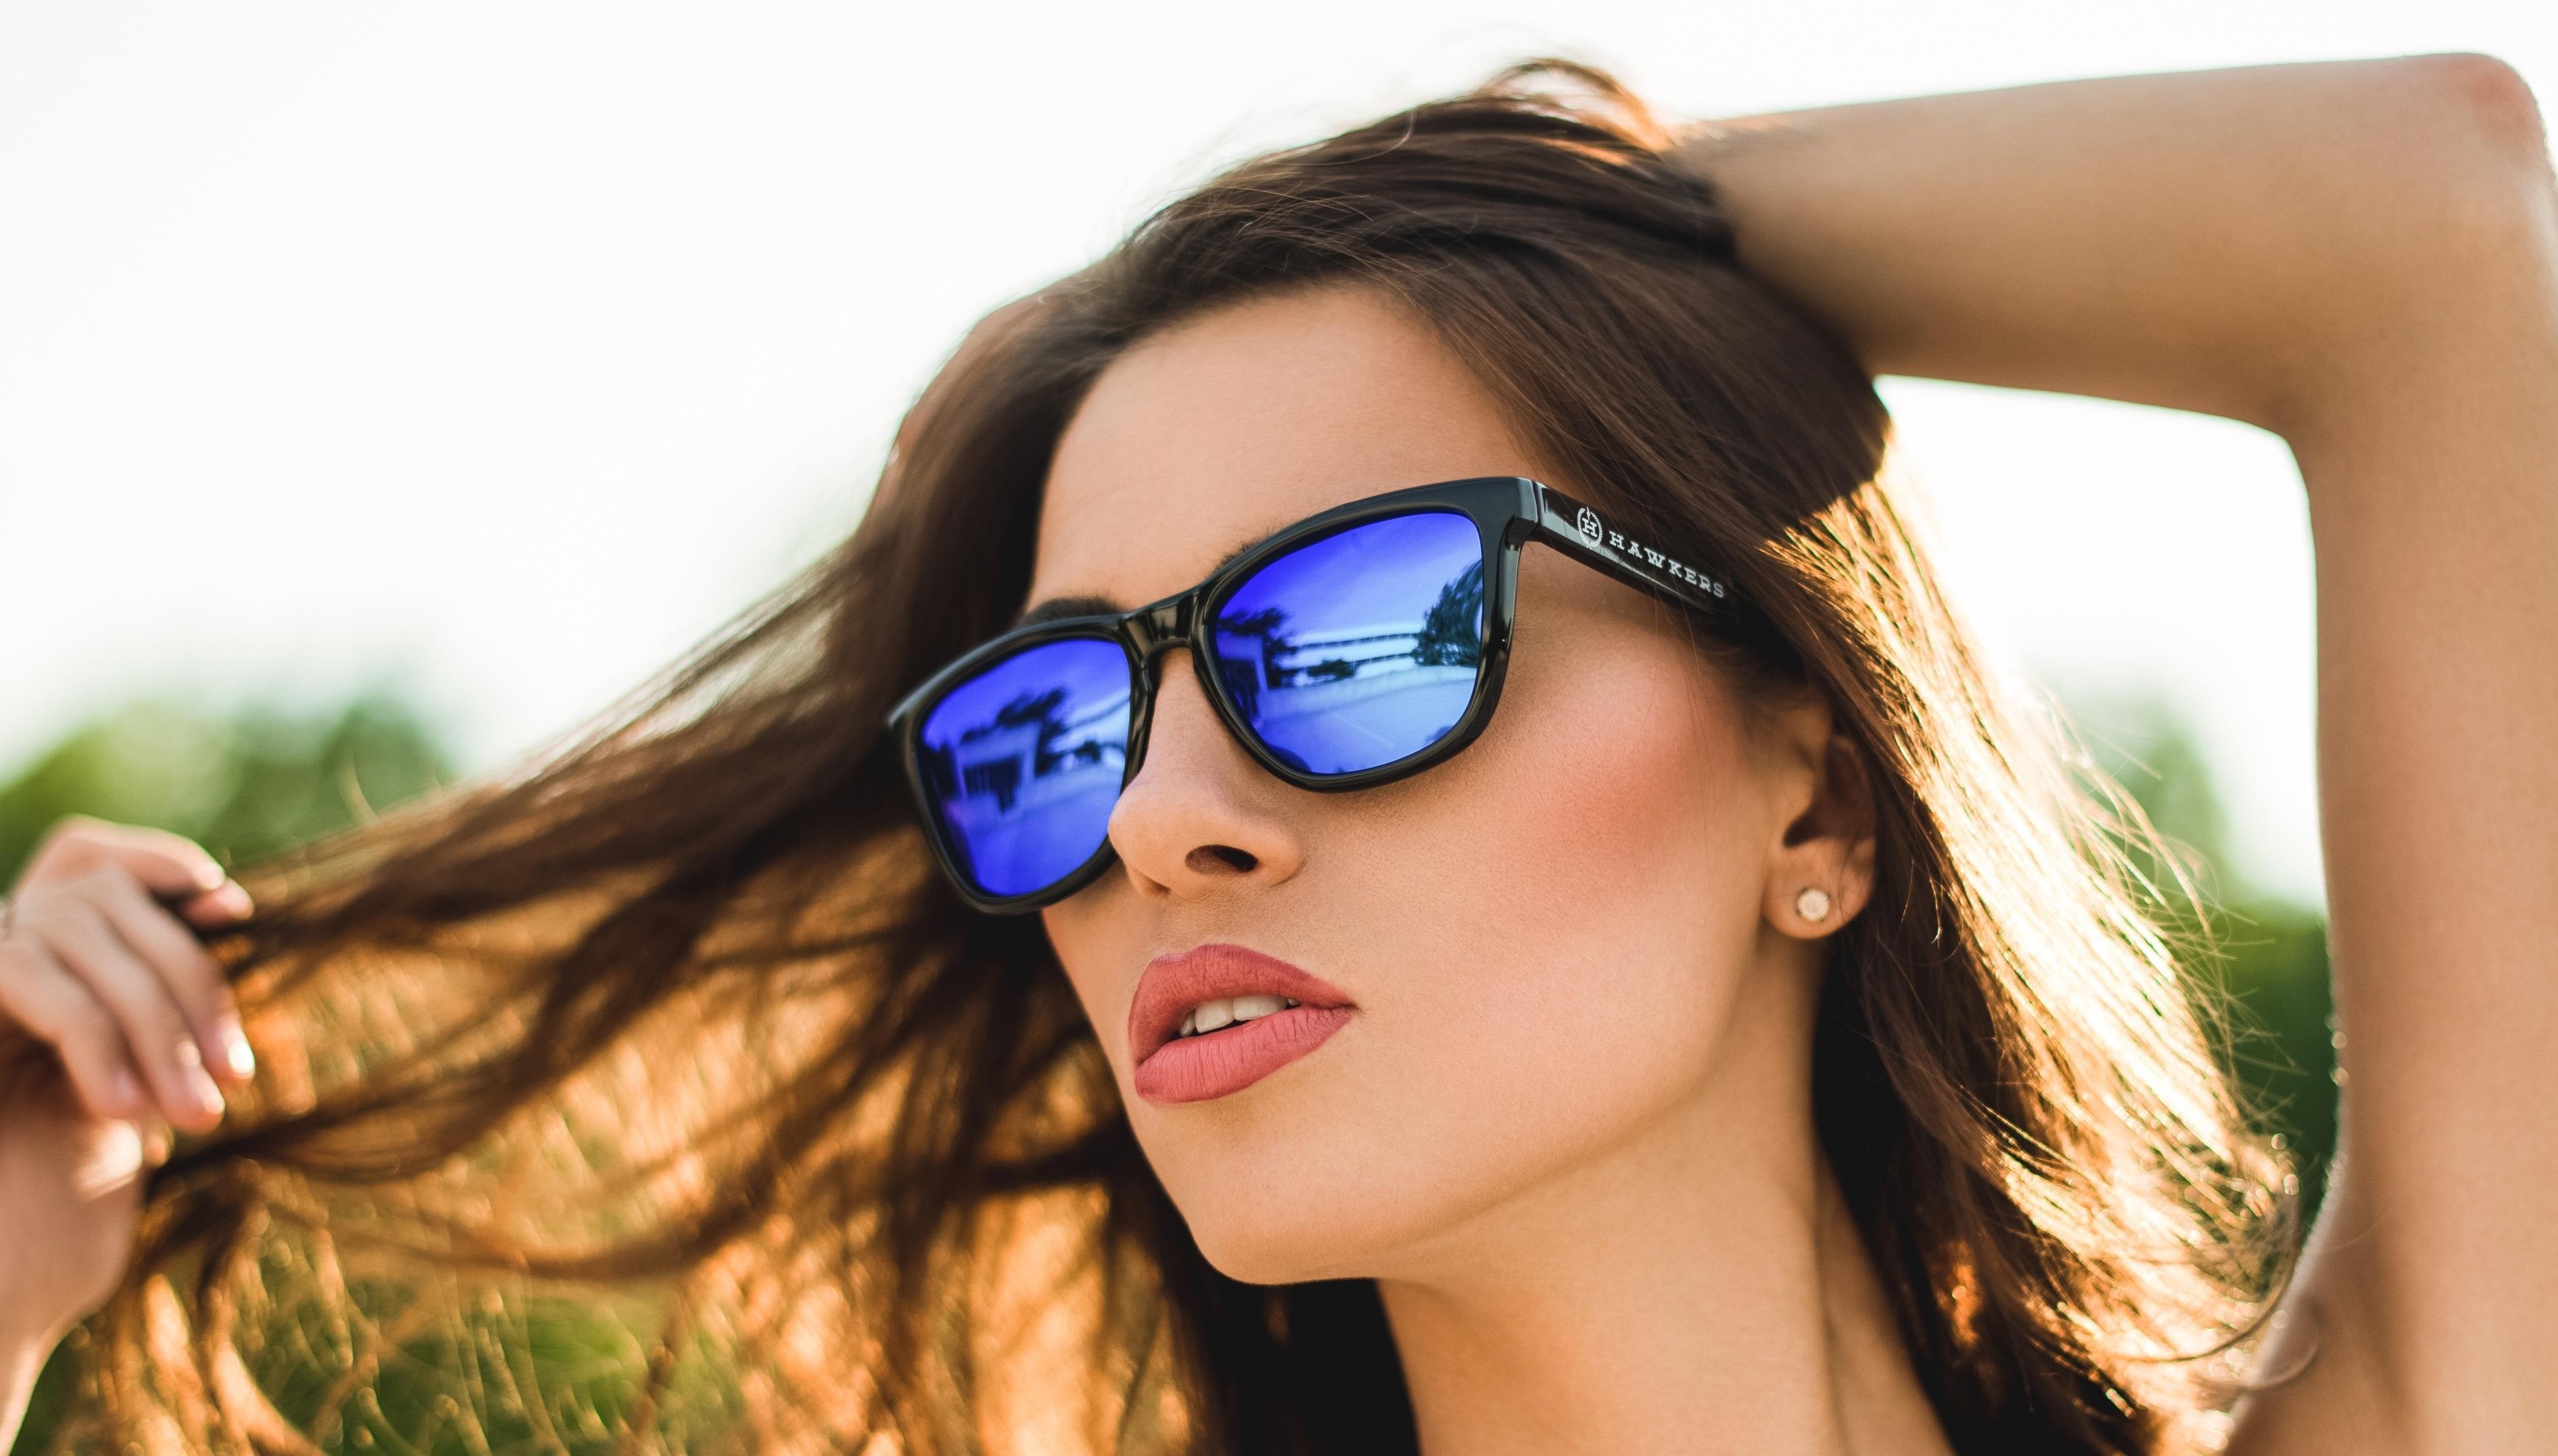 Девушки в темных очках картинки, знаменитые порно фото сайты